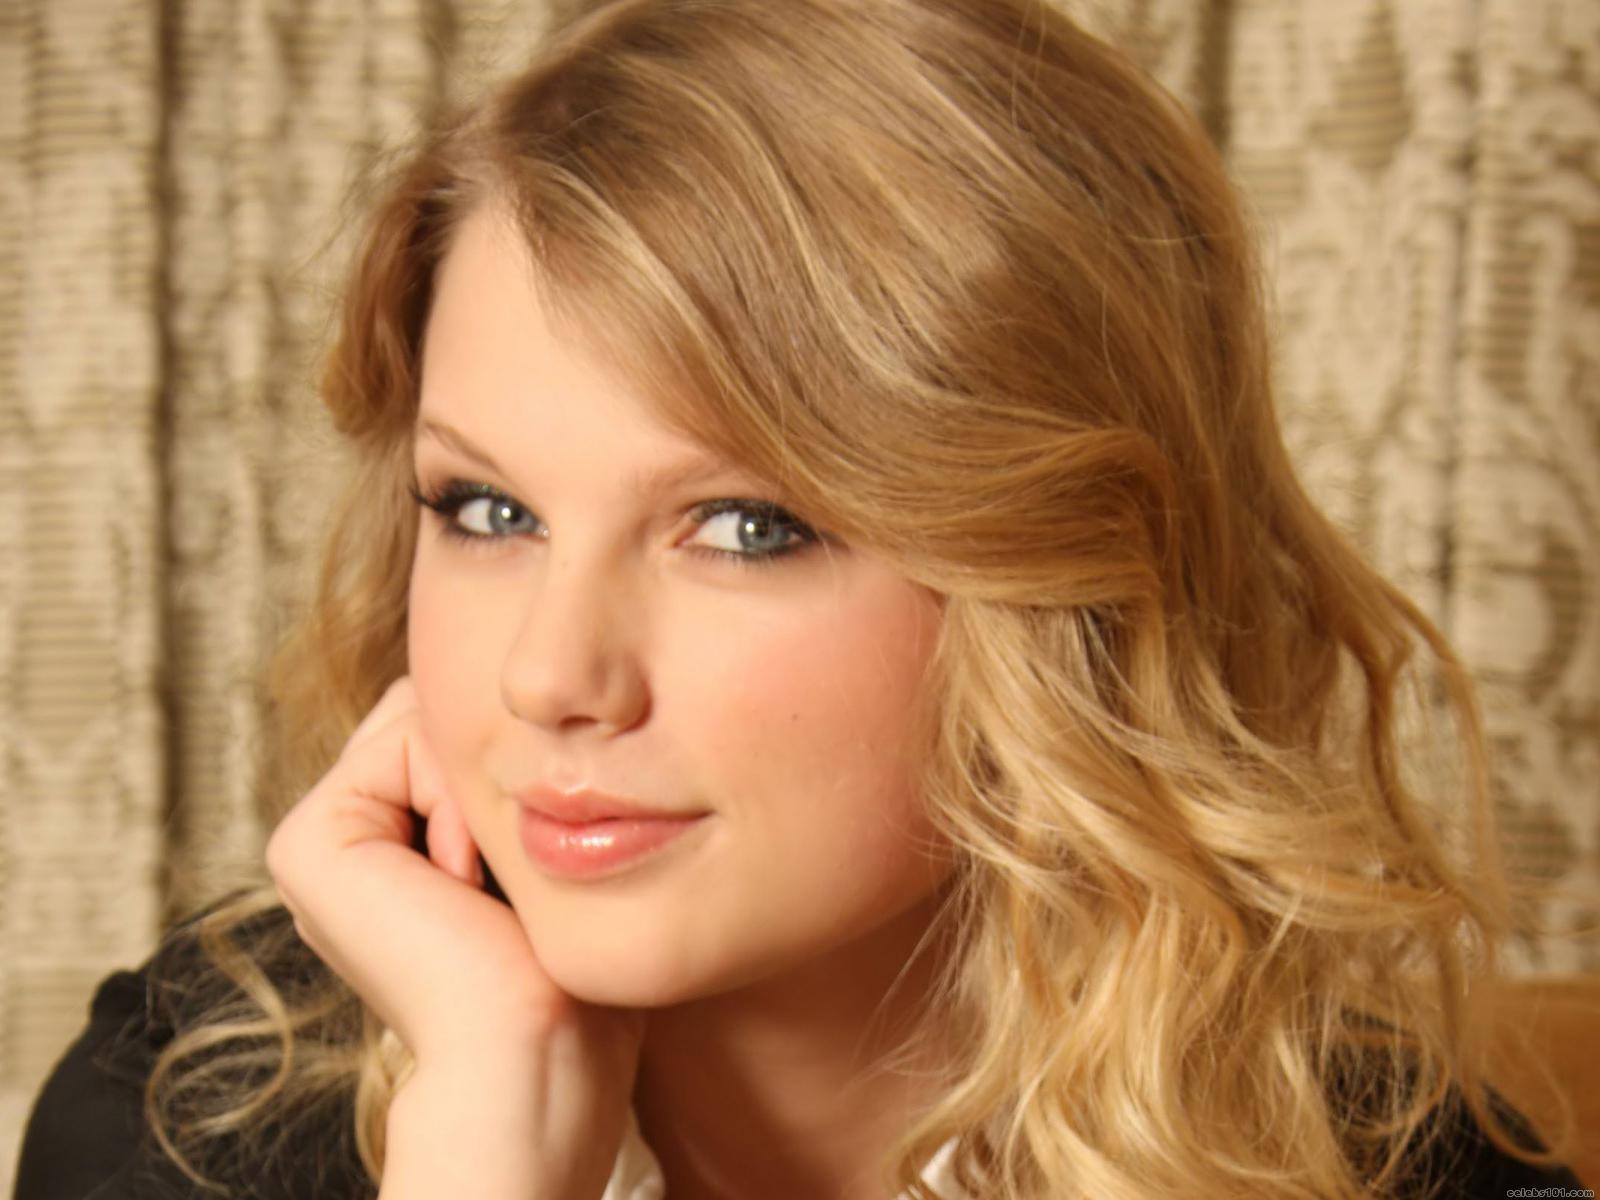 http://1.bp.blogspot.com/-pAIT47bF65Q/TtclMQ1-_hI/AAAAAAAAAkc/Ec66TKVR-mA/s1600/Taylor-Swift.jpg